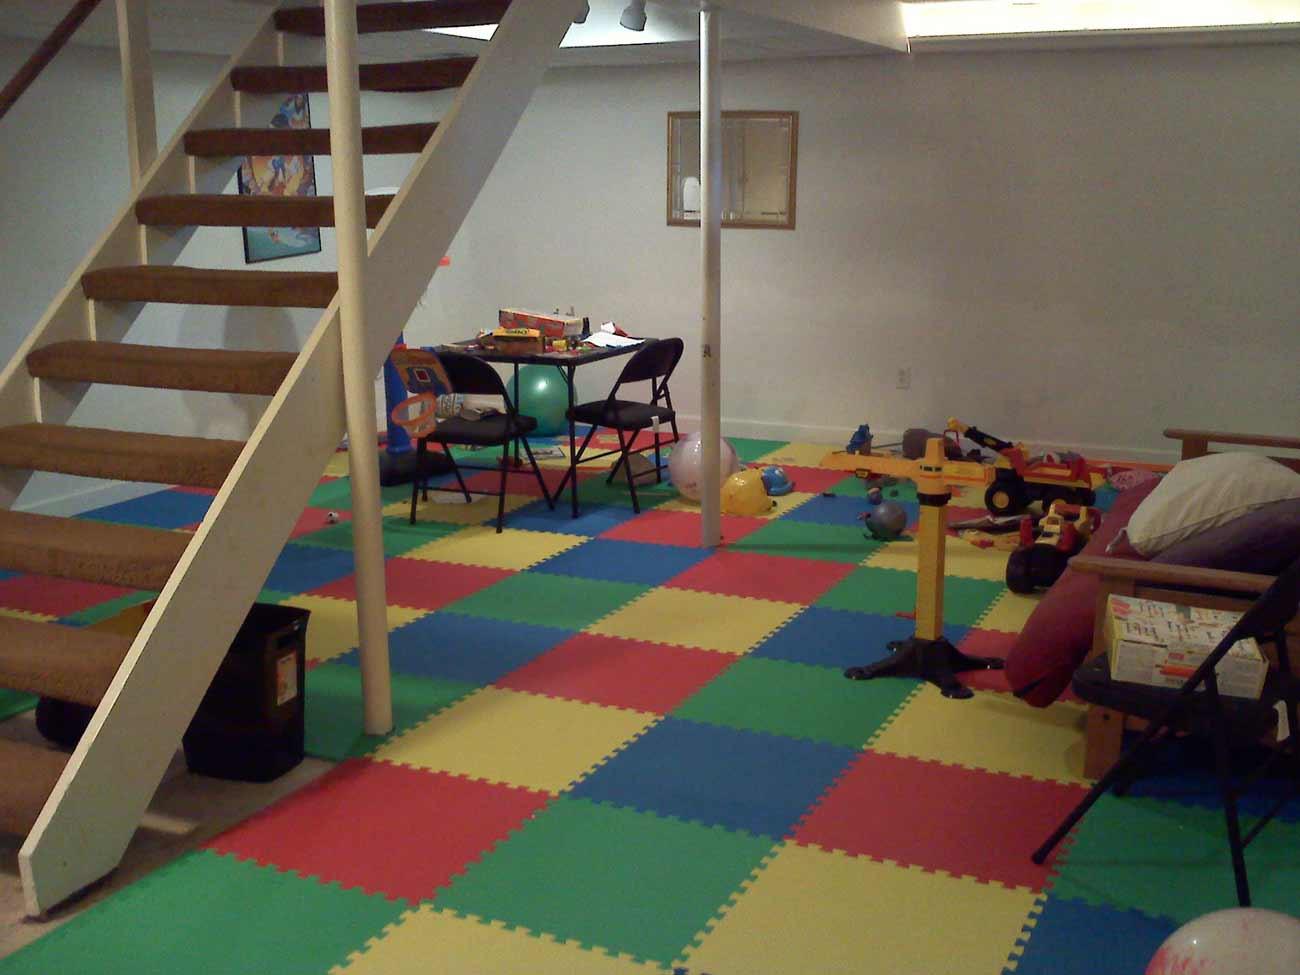 Carpet Tiles For Kids Room  Carpet Tiles